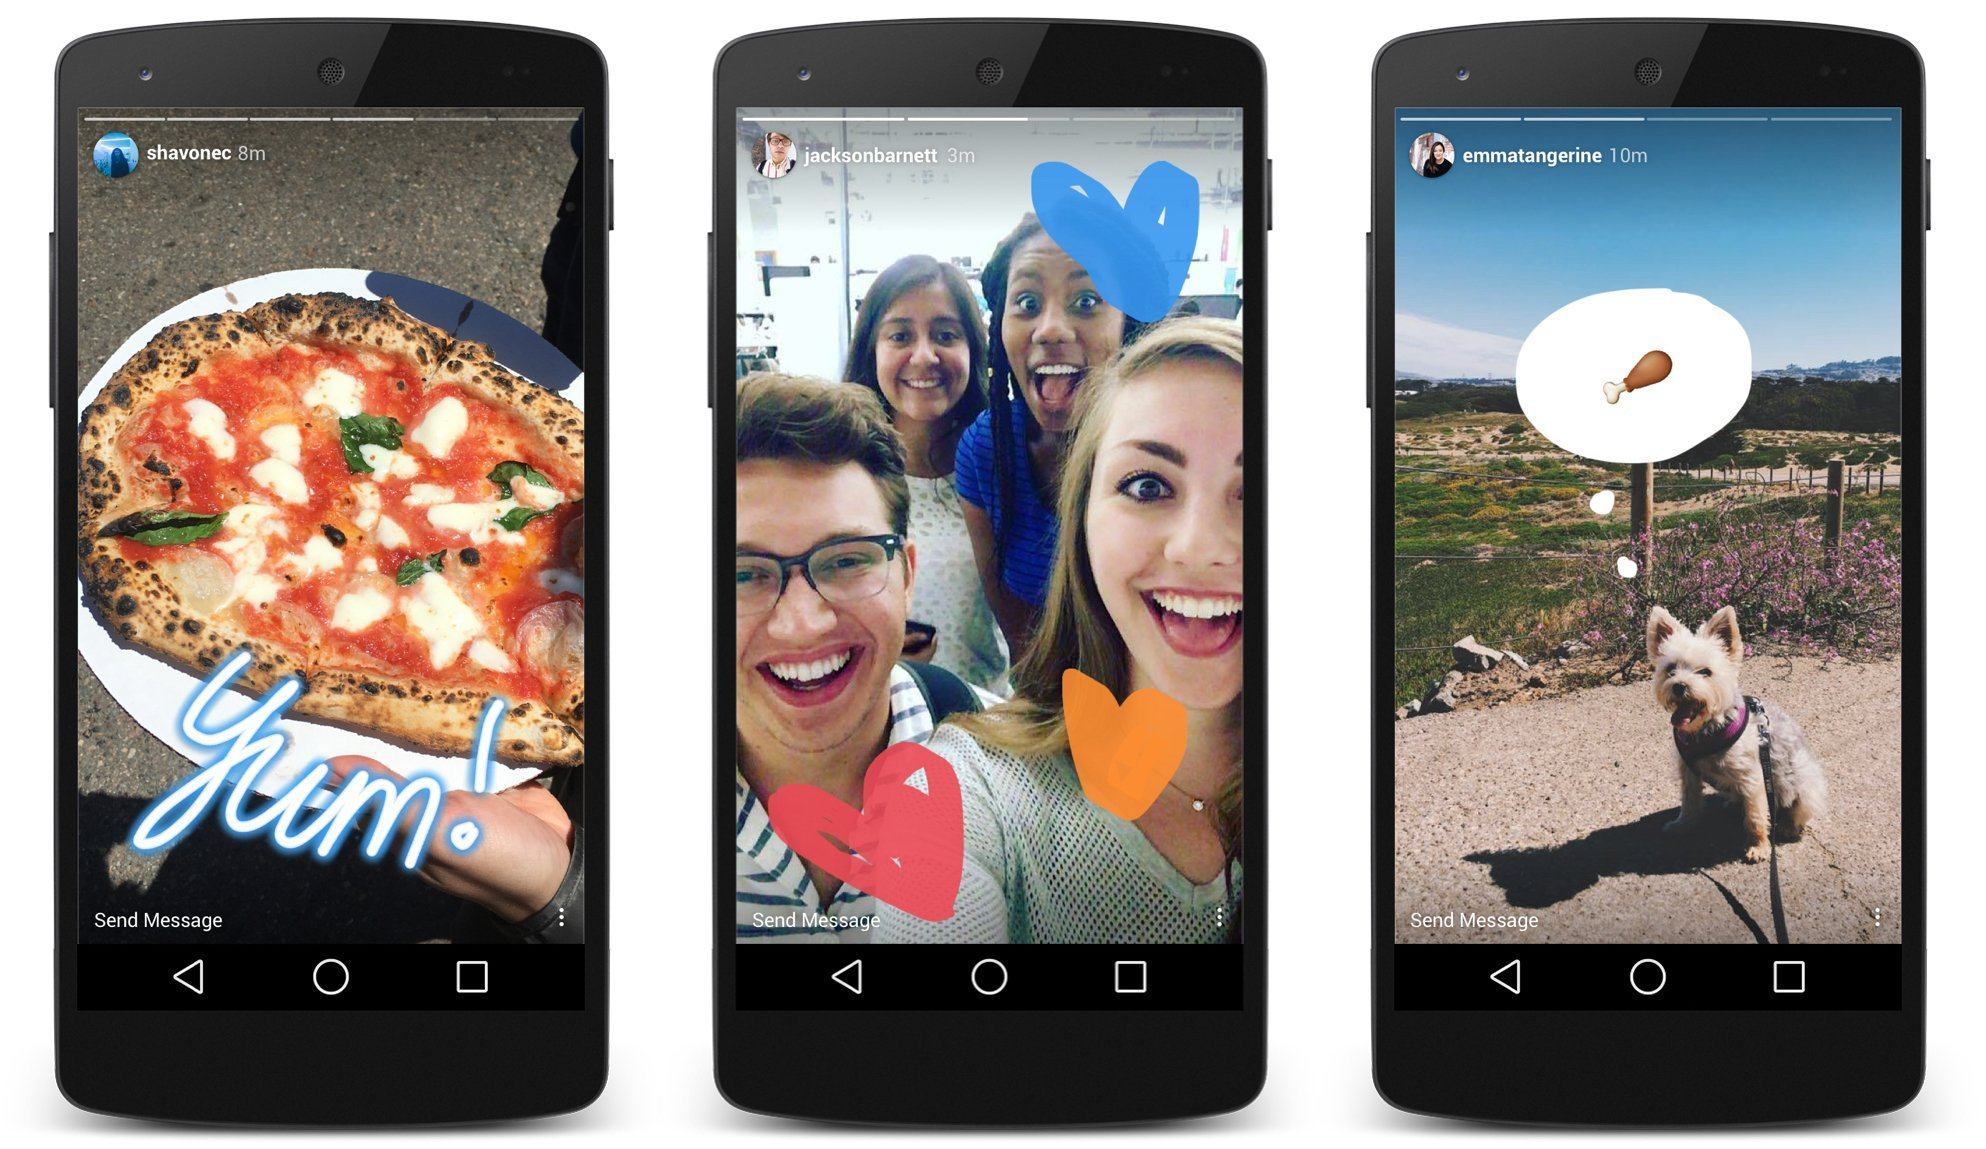 Instagram Stories : 150 millions d'utilisateurs par jour, autant que Snapchat en seulement 5 mois